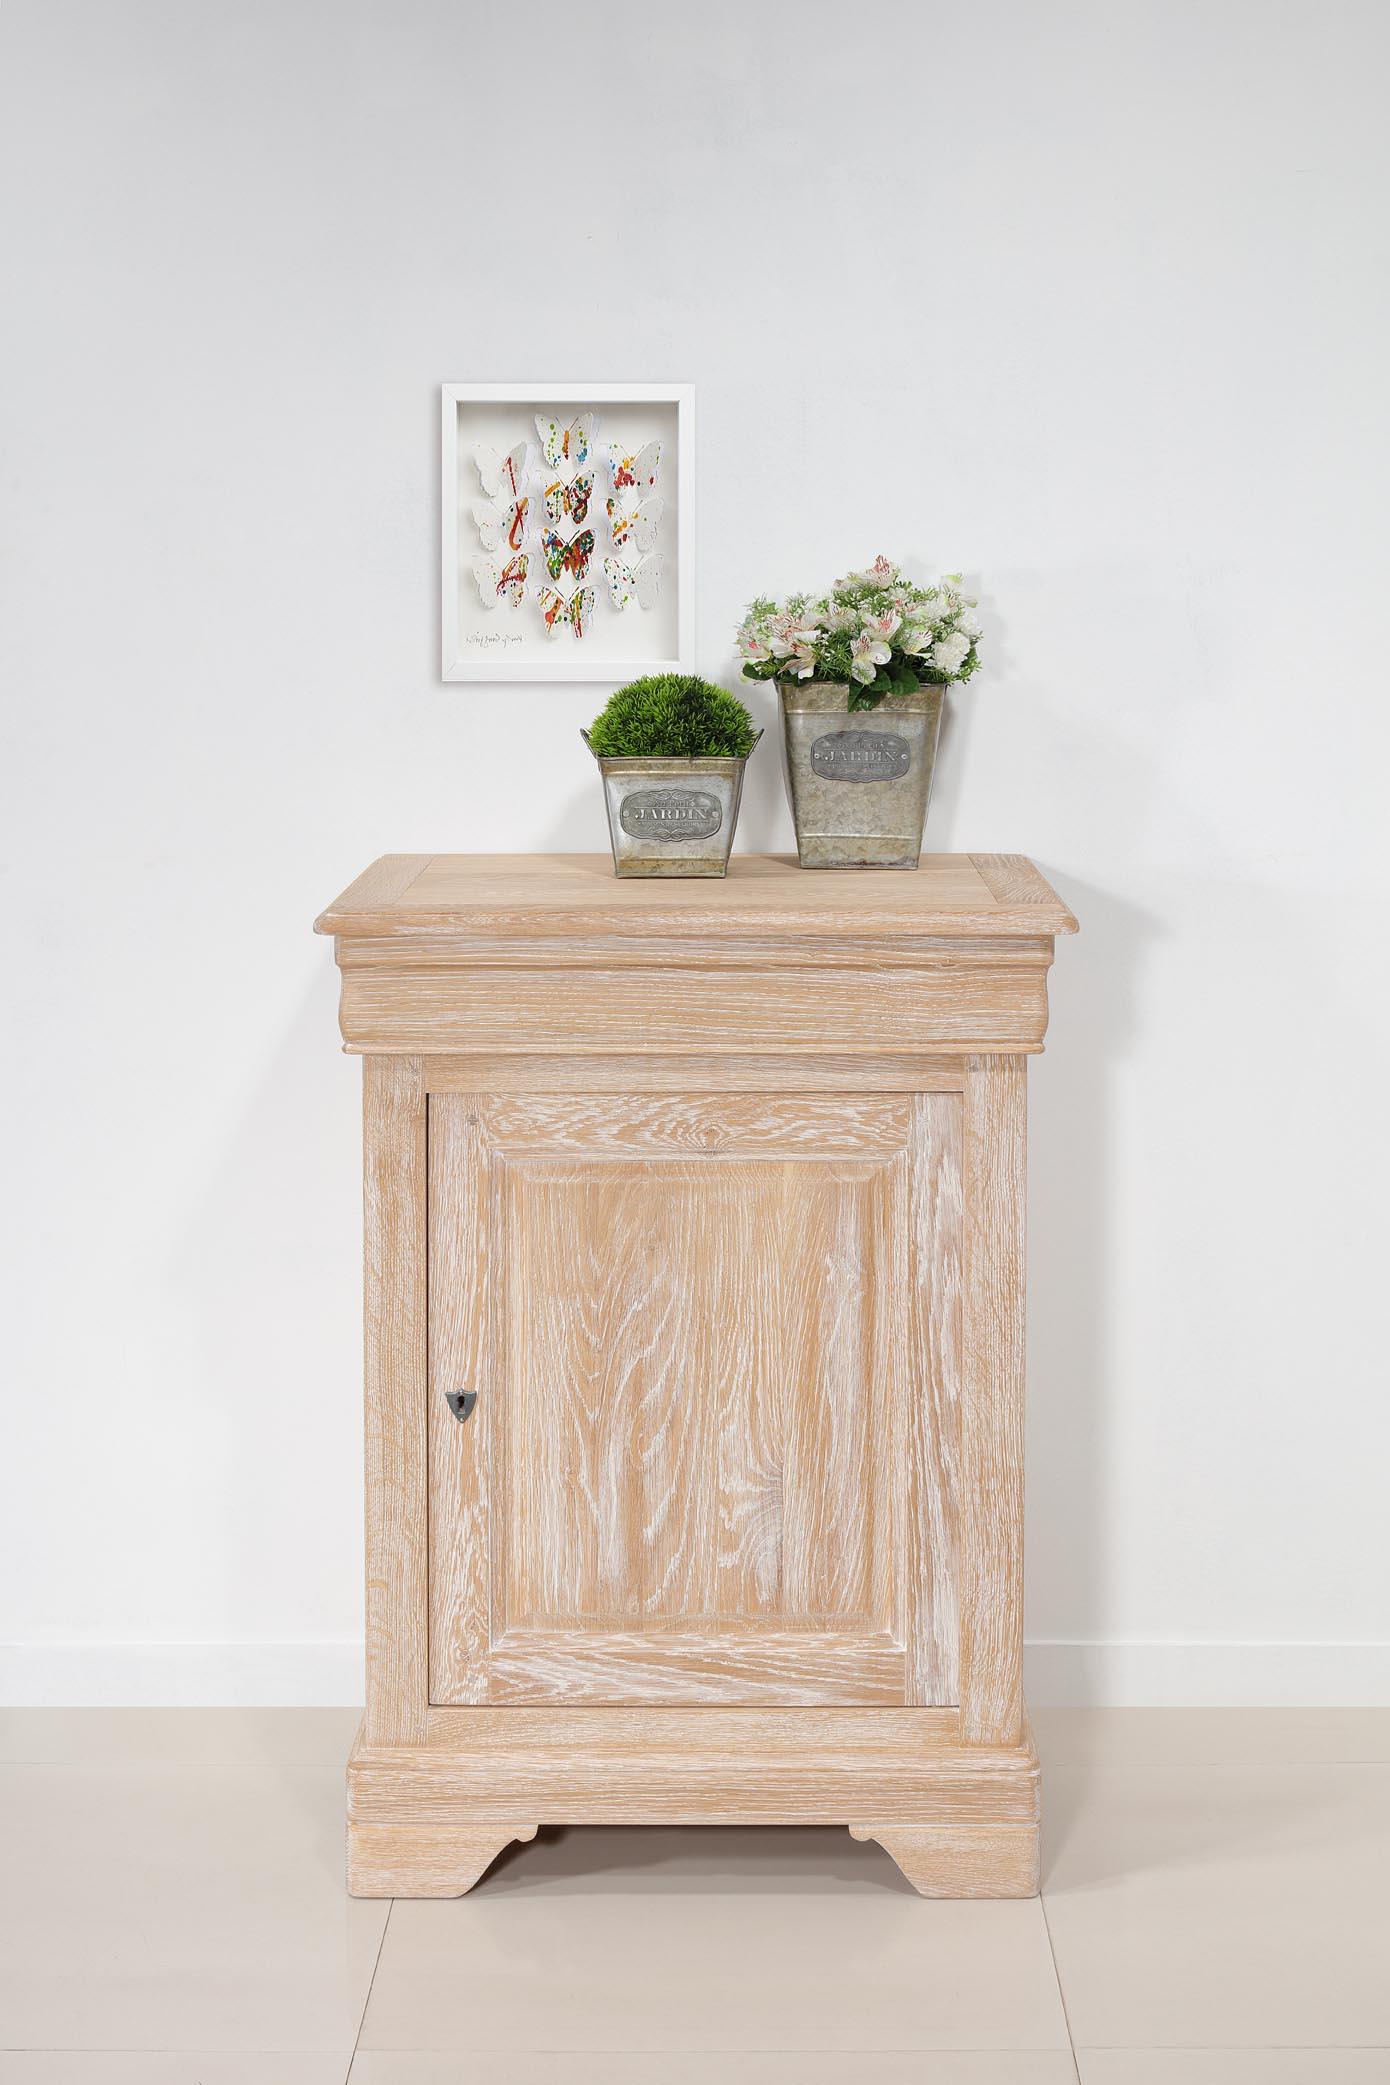 Confiturier   en Chêne Massif de style Louis Philippe Finition Chêne brossé blanchi